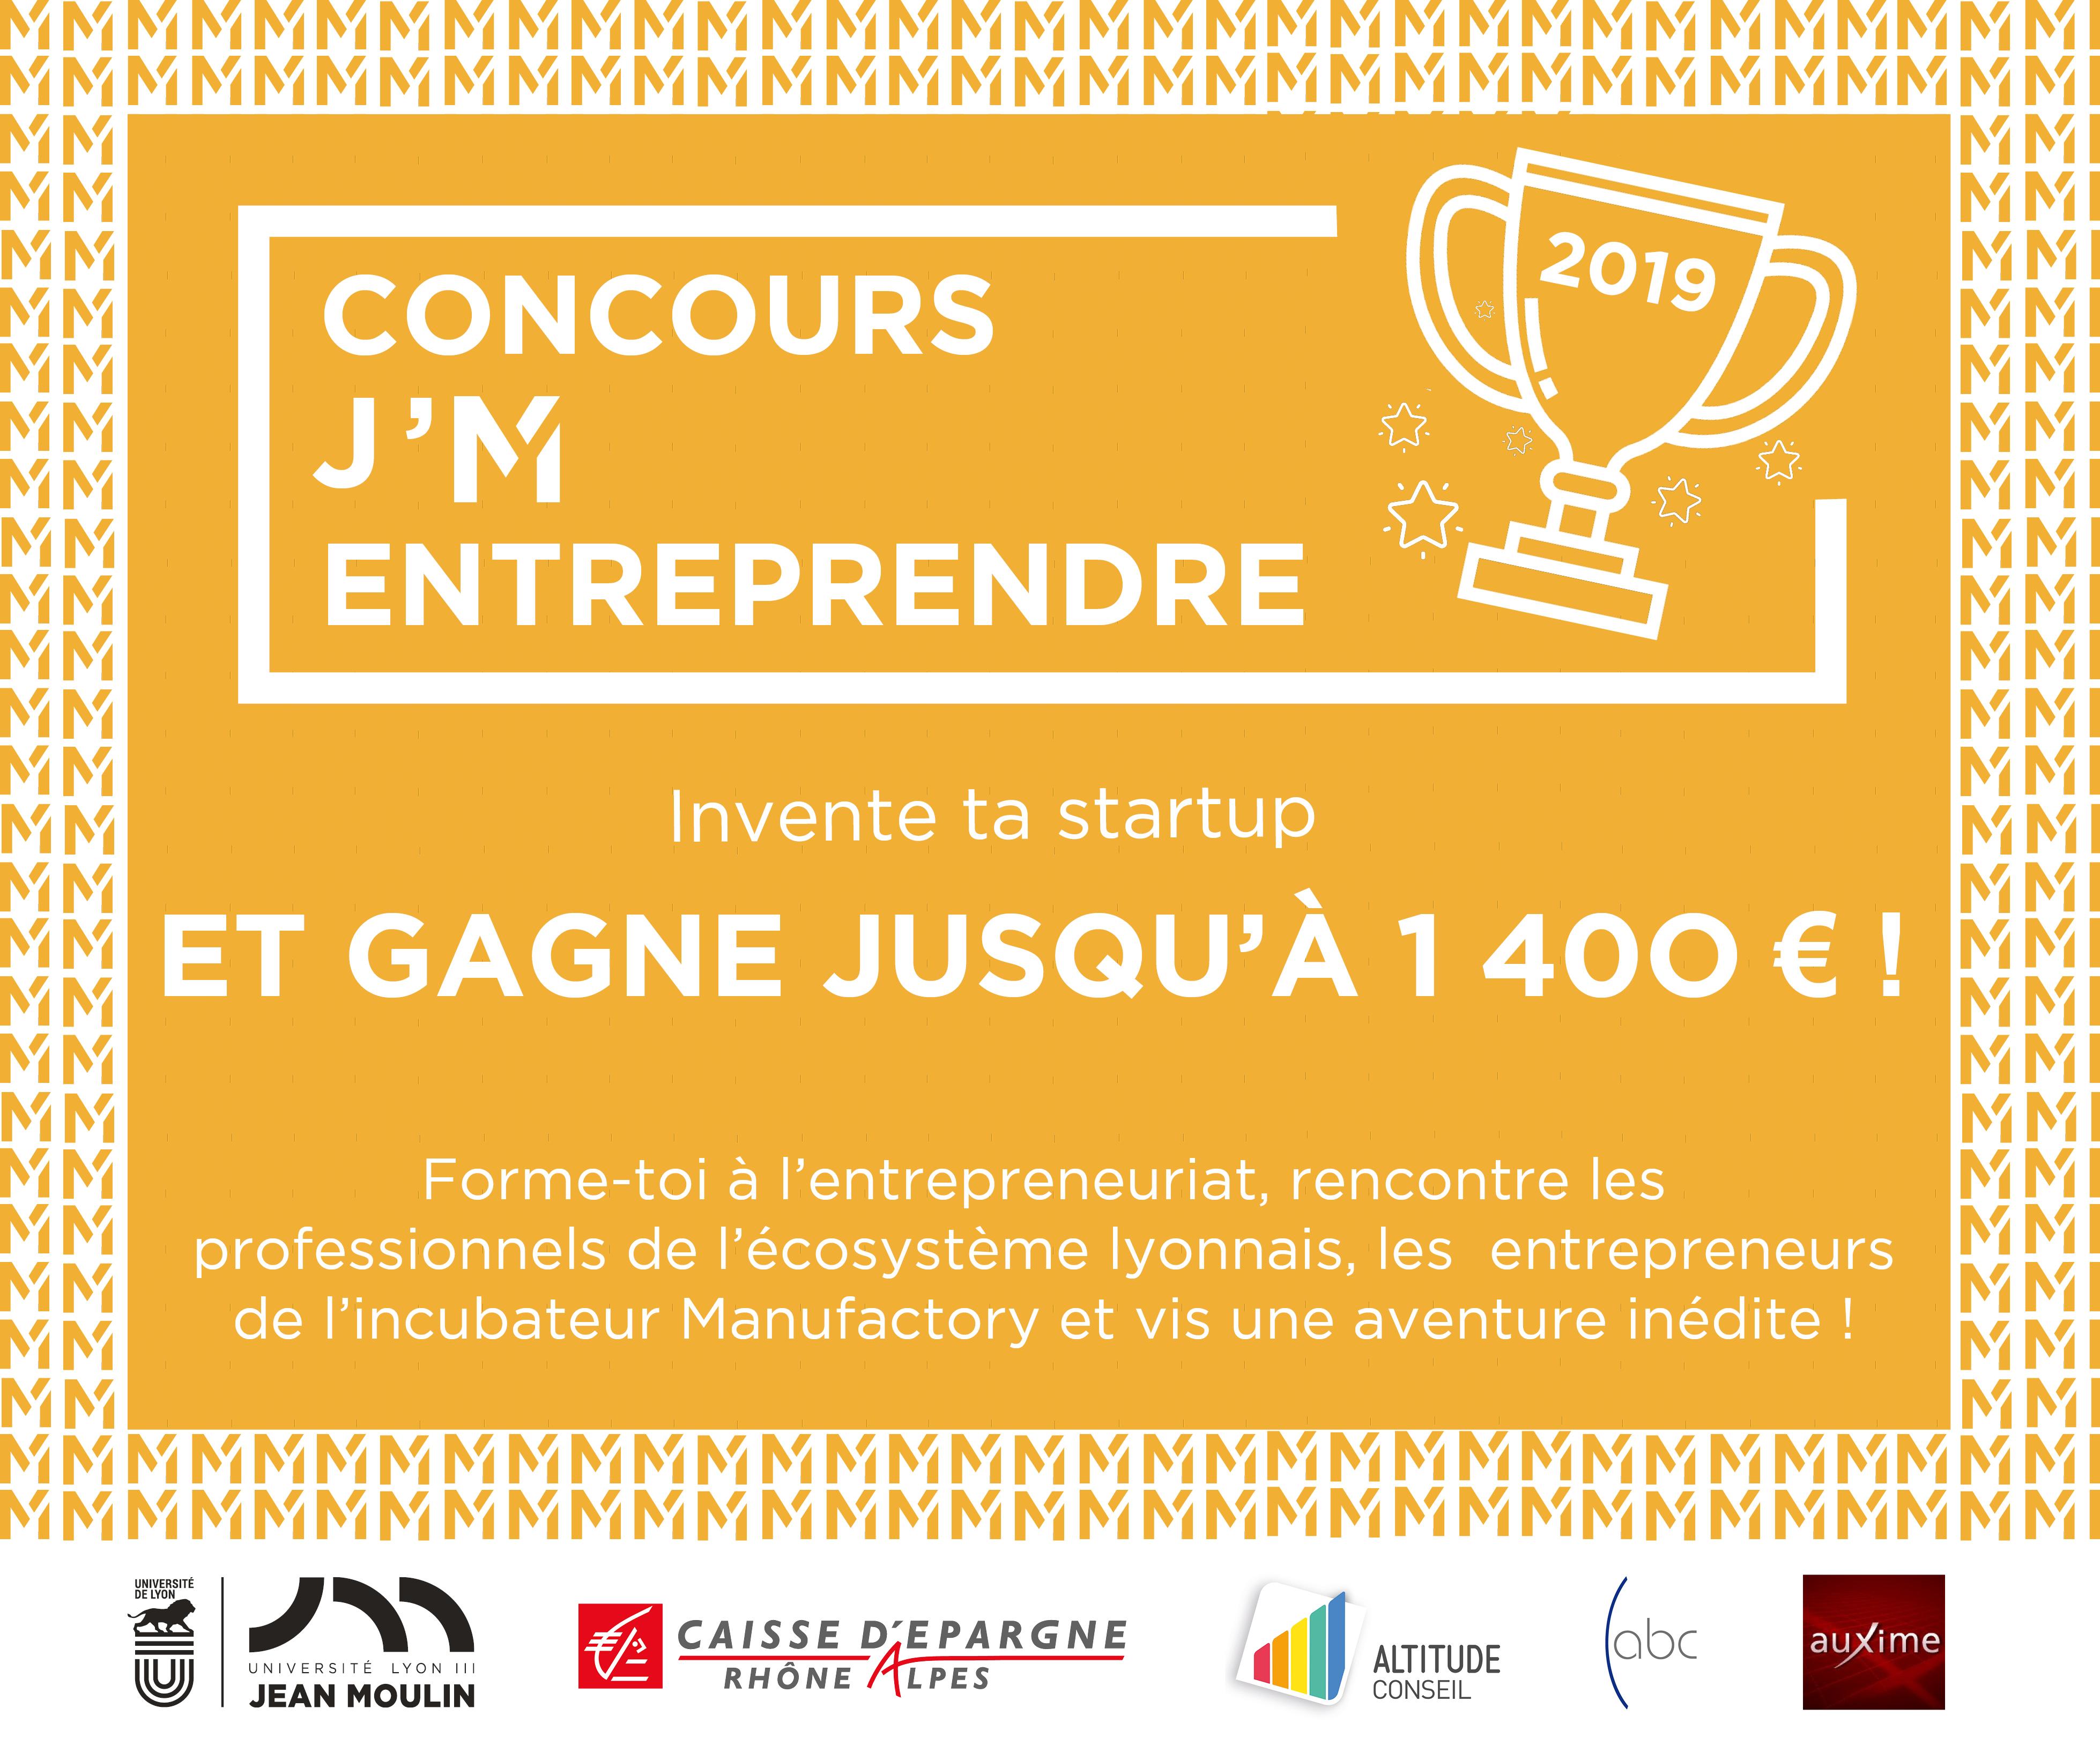 Concours J'M Entreprendre 2019